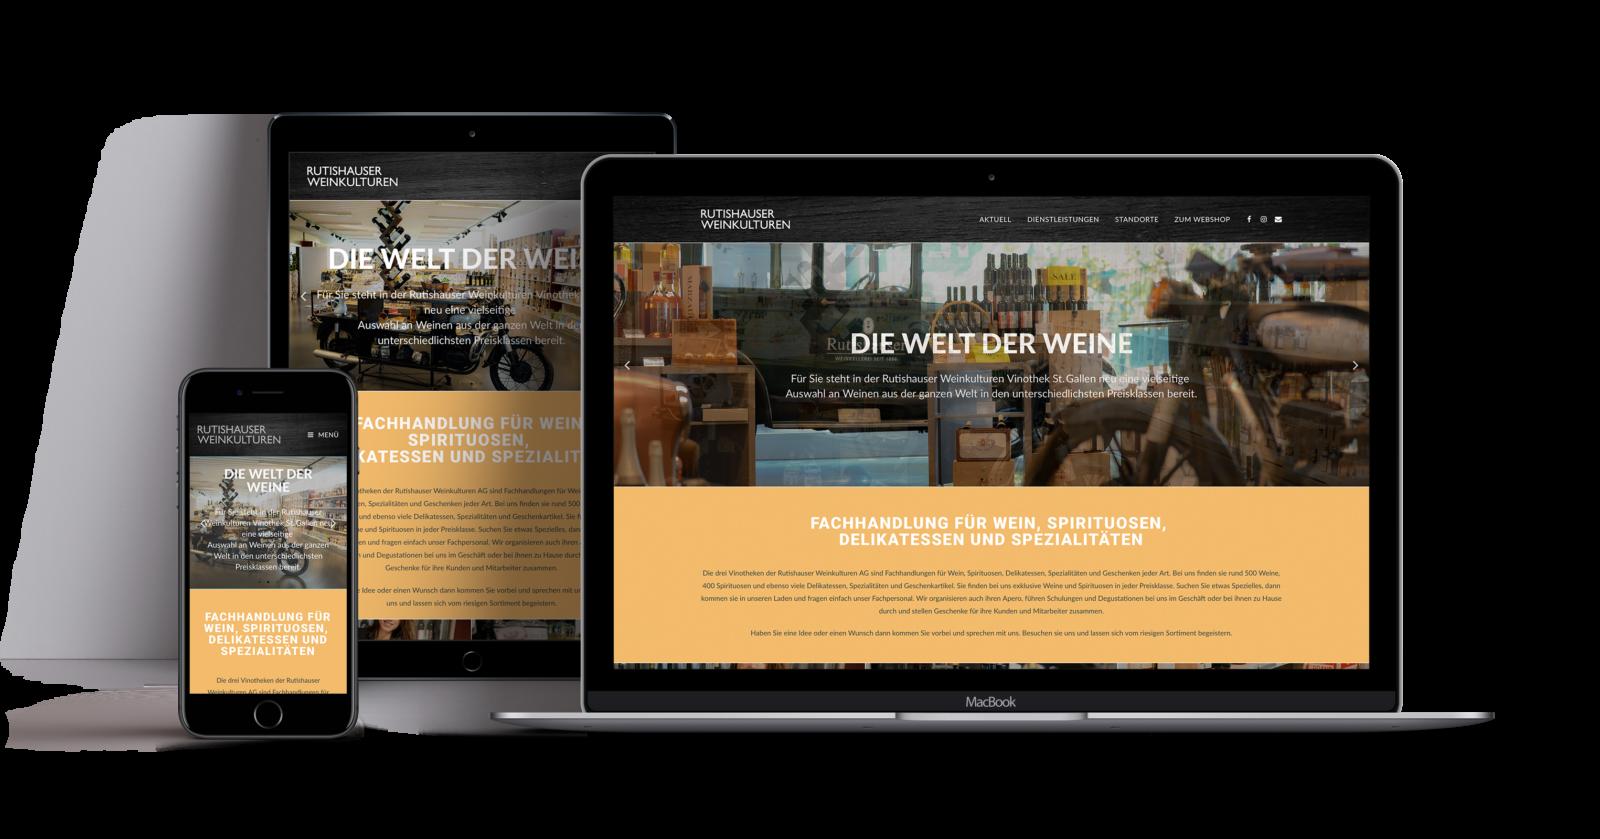 RUTISHAUSER WEINKULTUREN – Kommunikationsmassnahmen und Webseite für Vinothek St. Gallen